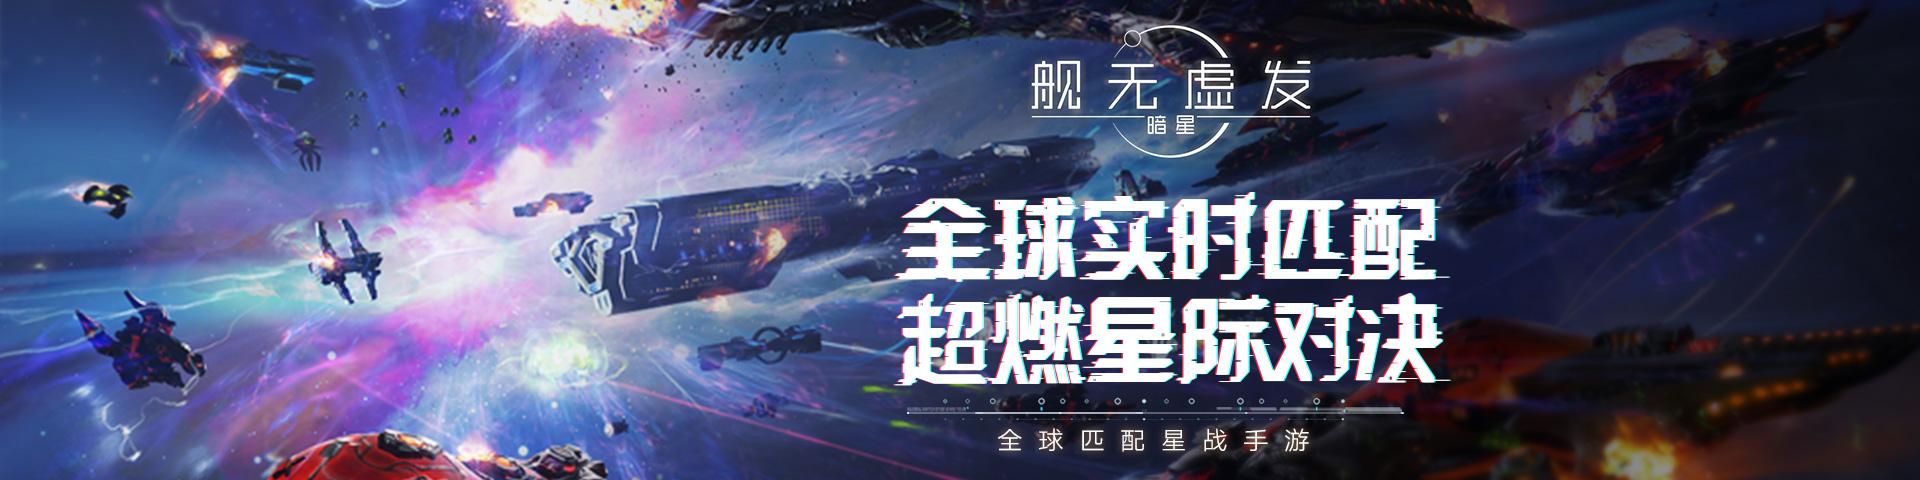 全球匹配超燃星际对决,网易新游《舰无虚发:暗星》正式首曝!